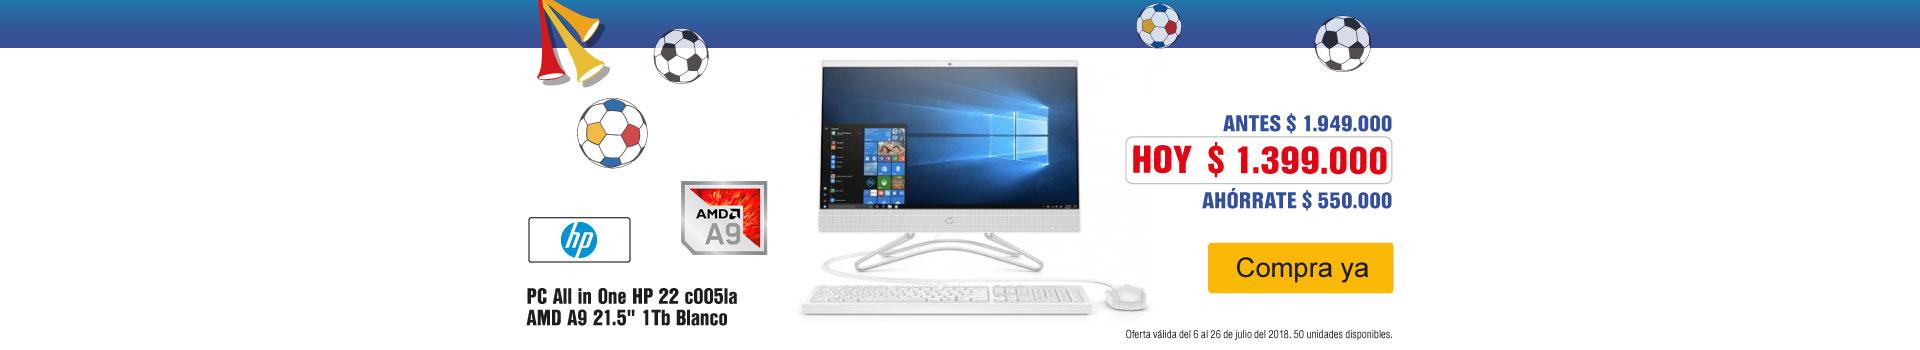 AK-KT-BCAT-1-computadores y tablets-escritorio-PP---Hp-AIO 22-c005la-Jul11